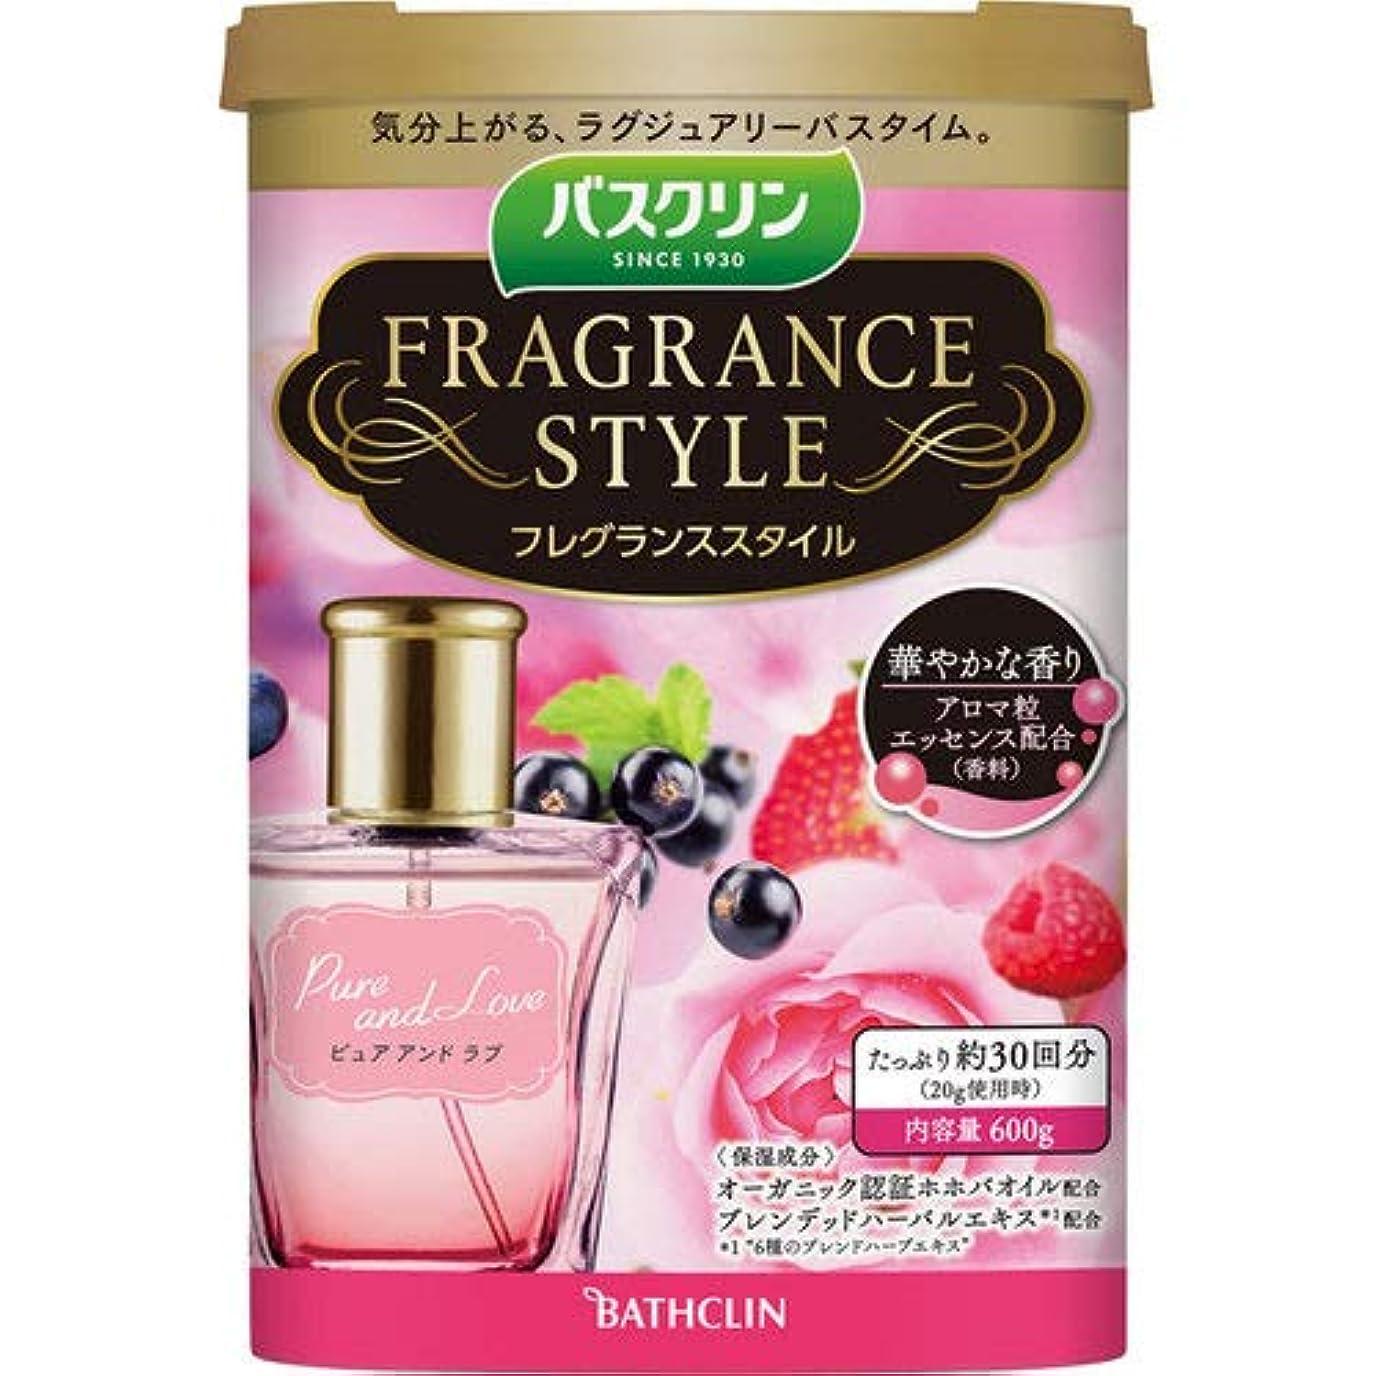 石鹸無力スプレーバスクリンフレグランススタイルピュア アンド ラブ 入浴剤 フルーティーローズ調の香りの入浴剤 600g